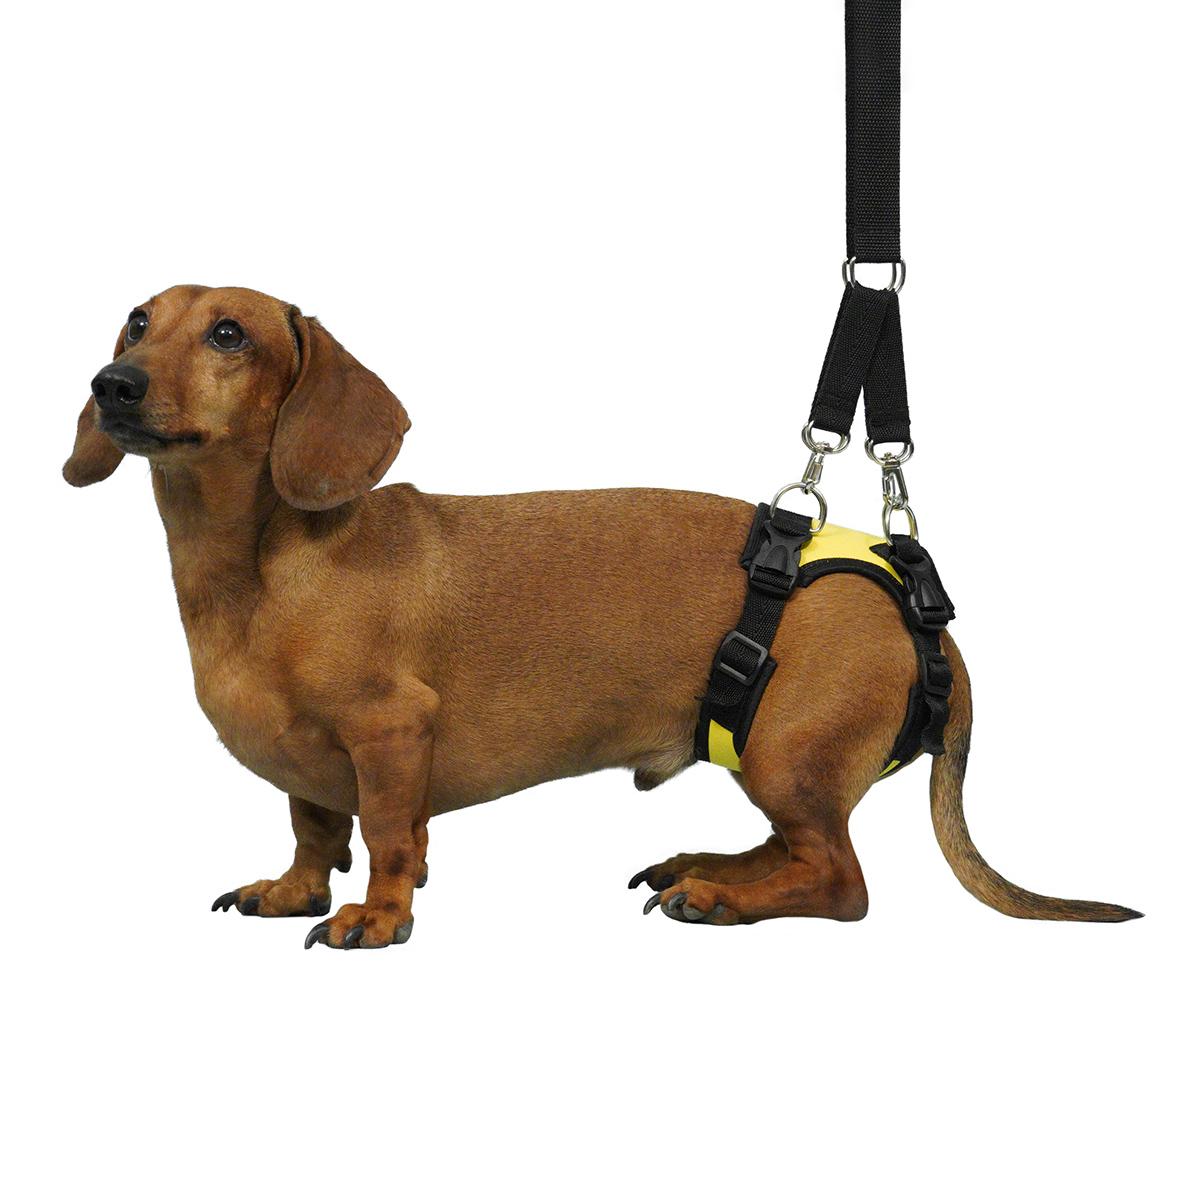 Задняя поддержка для маленьких собак